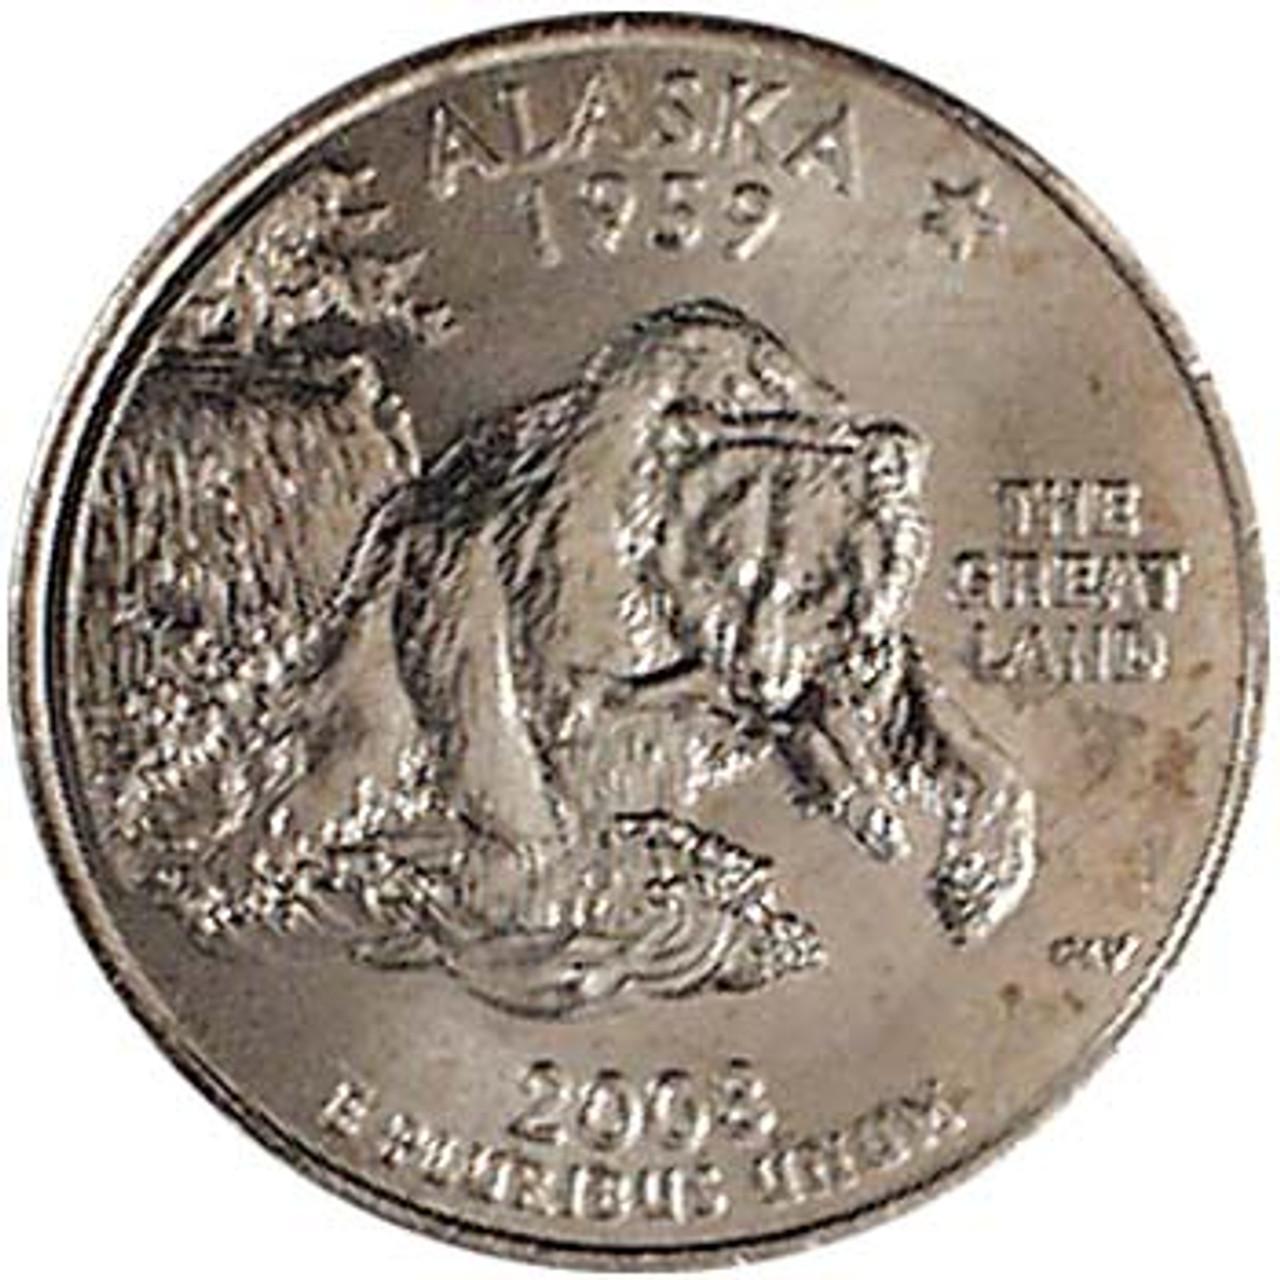 2008-P Alaska Quarter Brilliant Uncirculated Image 1